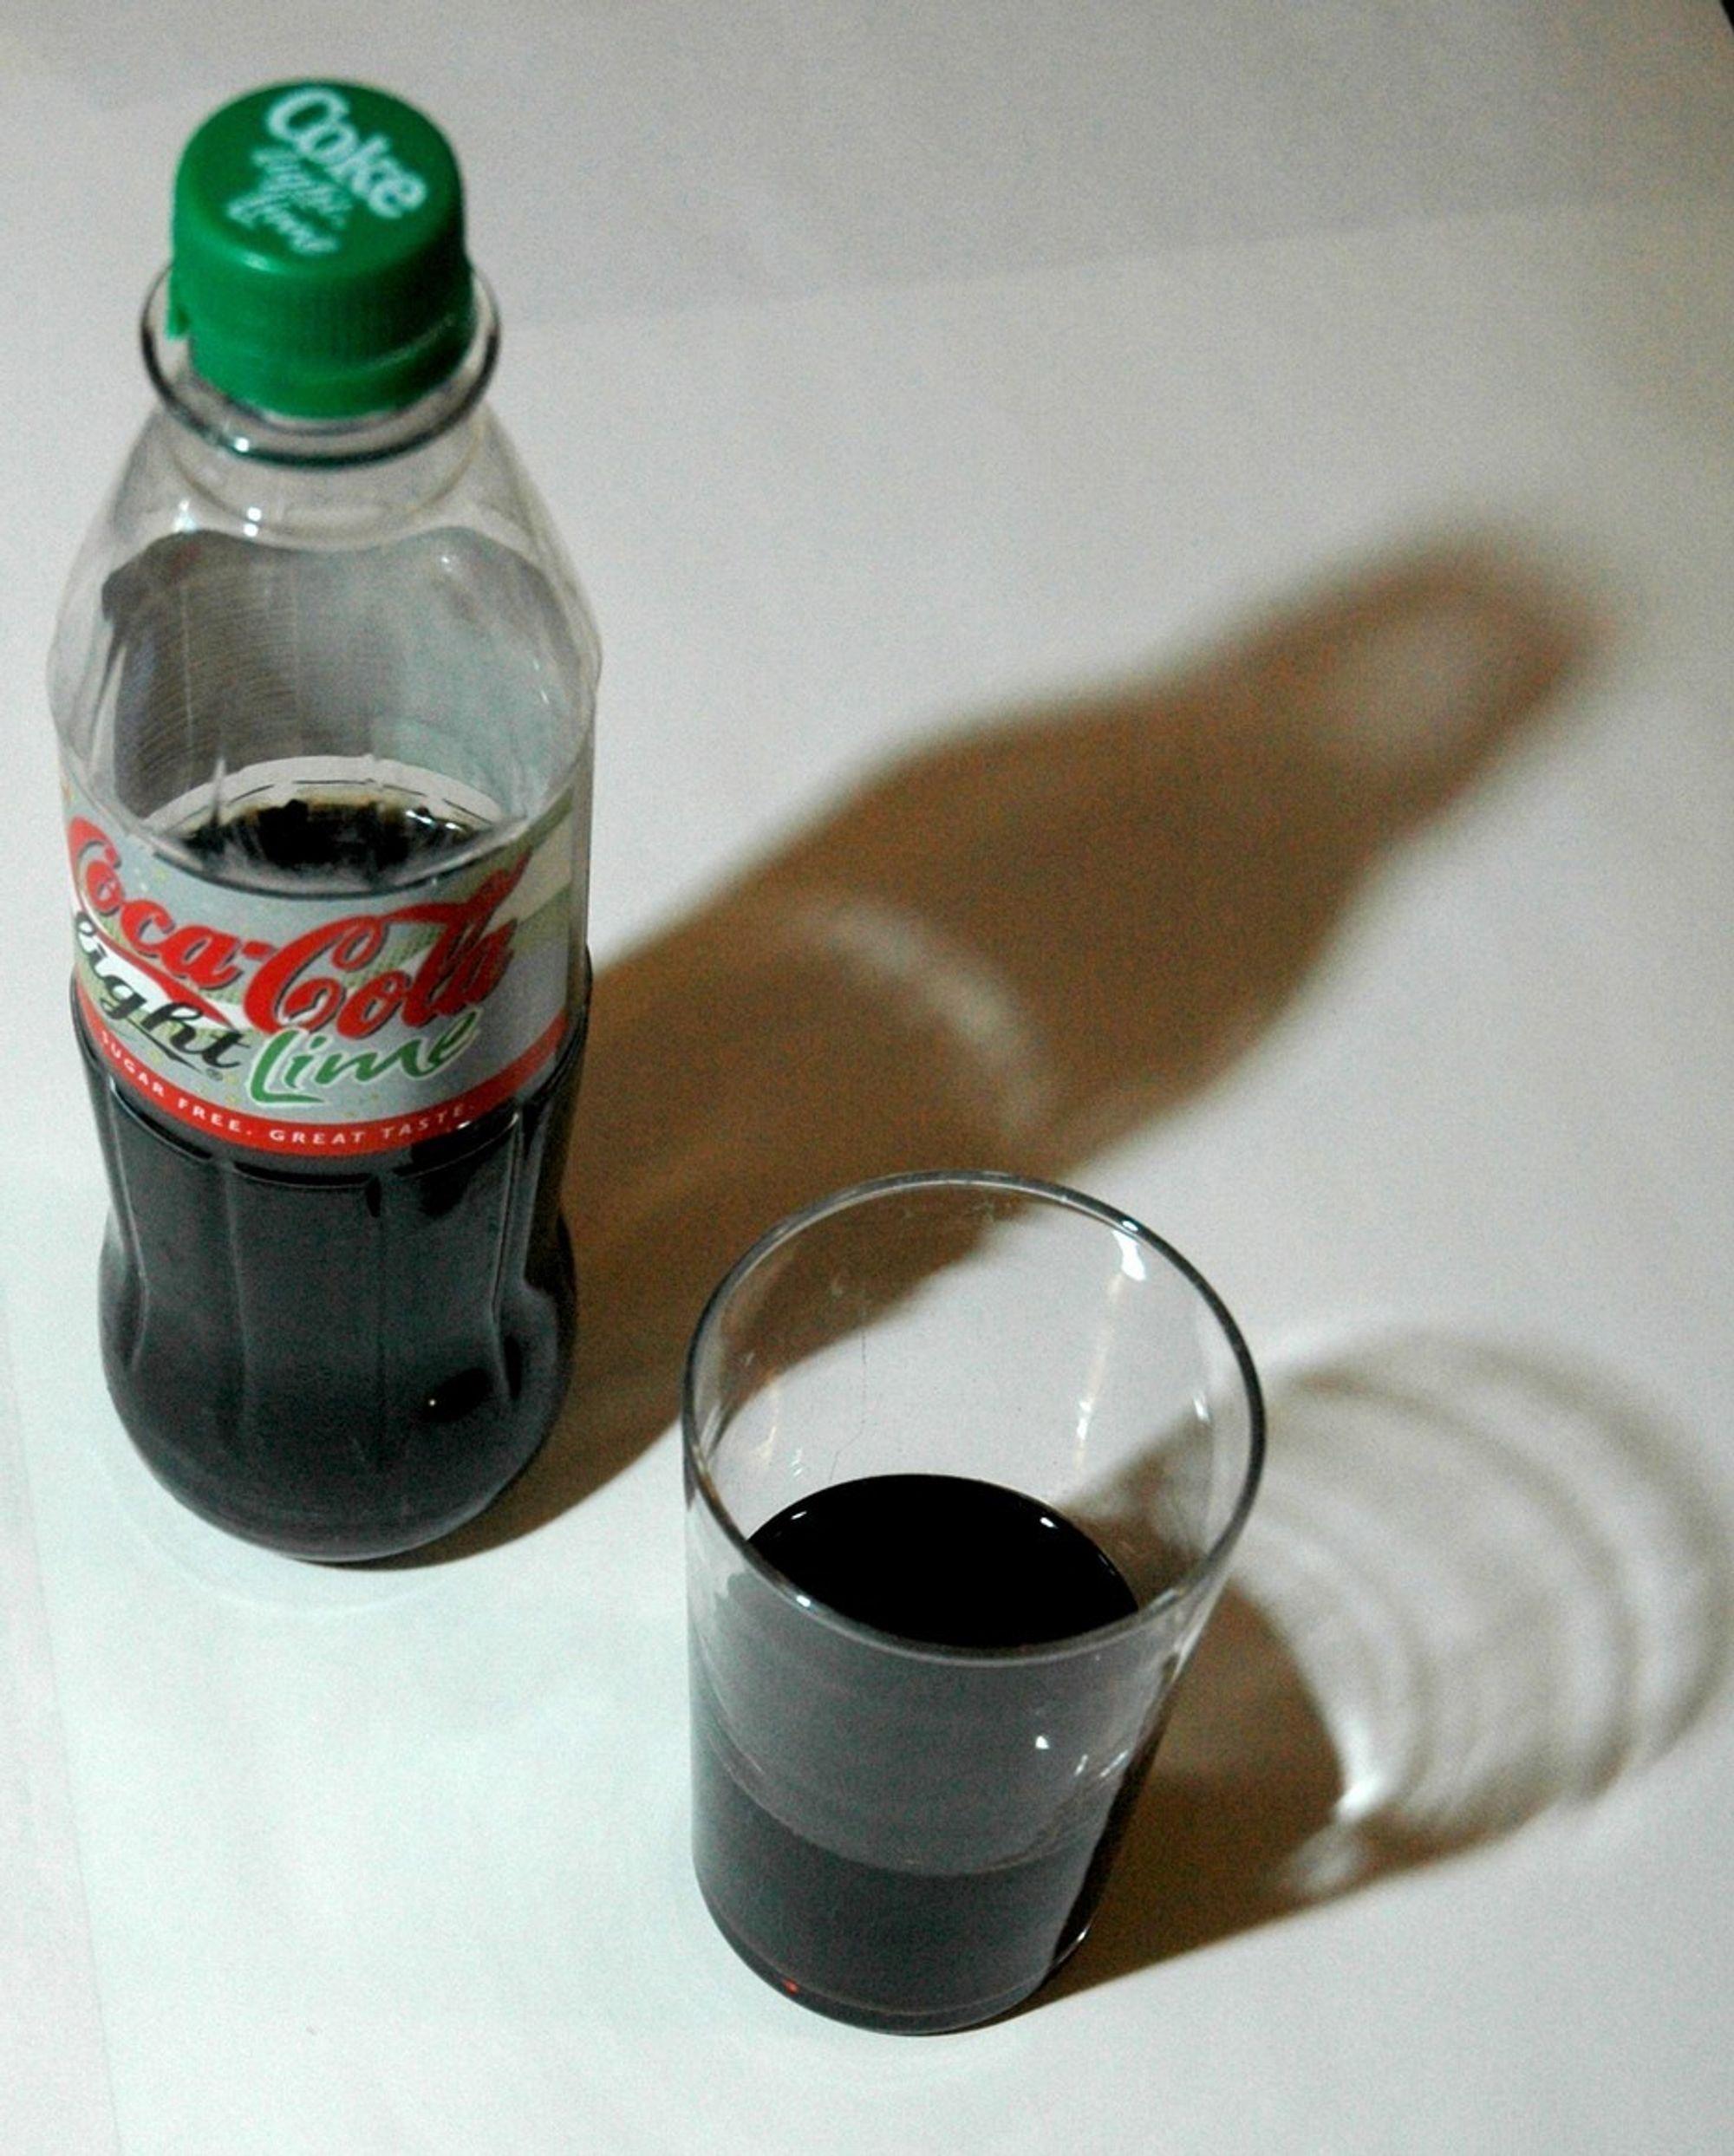 IKKE FOR KVINNER OG BARN: Lettprodukter tilsatt det kunstige søtningsmiddelet aspartam, medfører økt risiko for kreft hos kvinner og barn, viser en italiensk underøkelse.